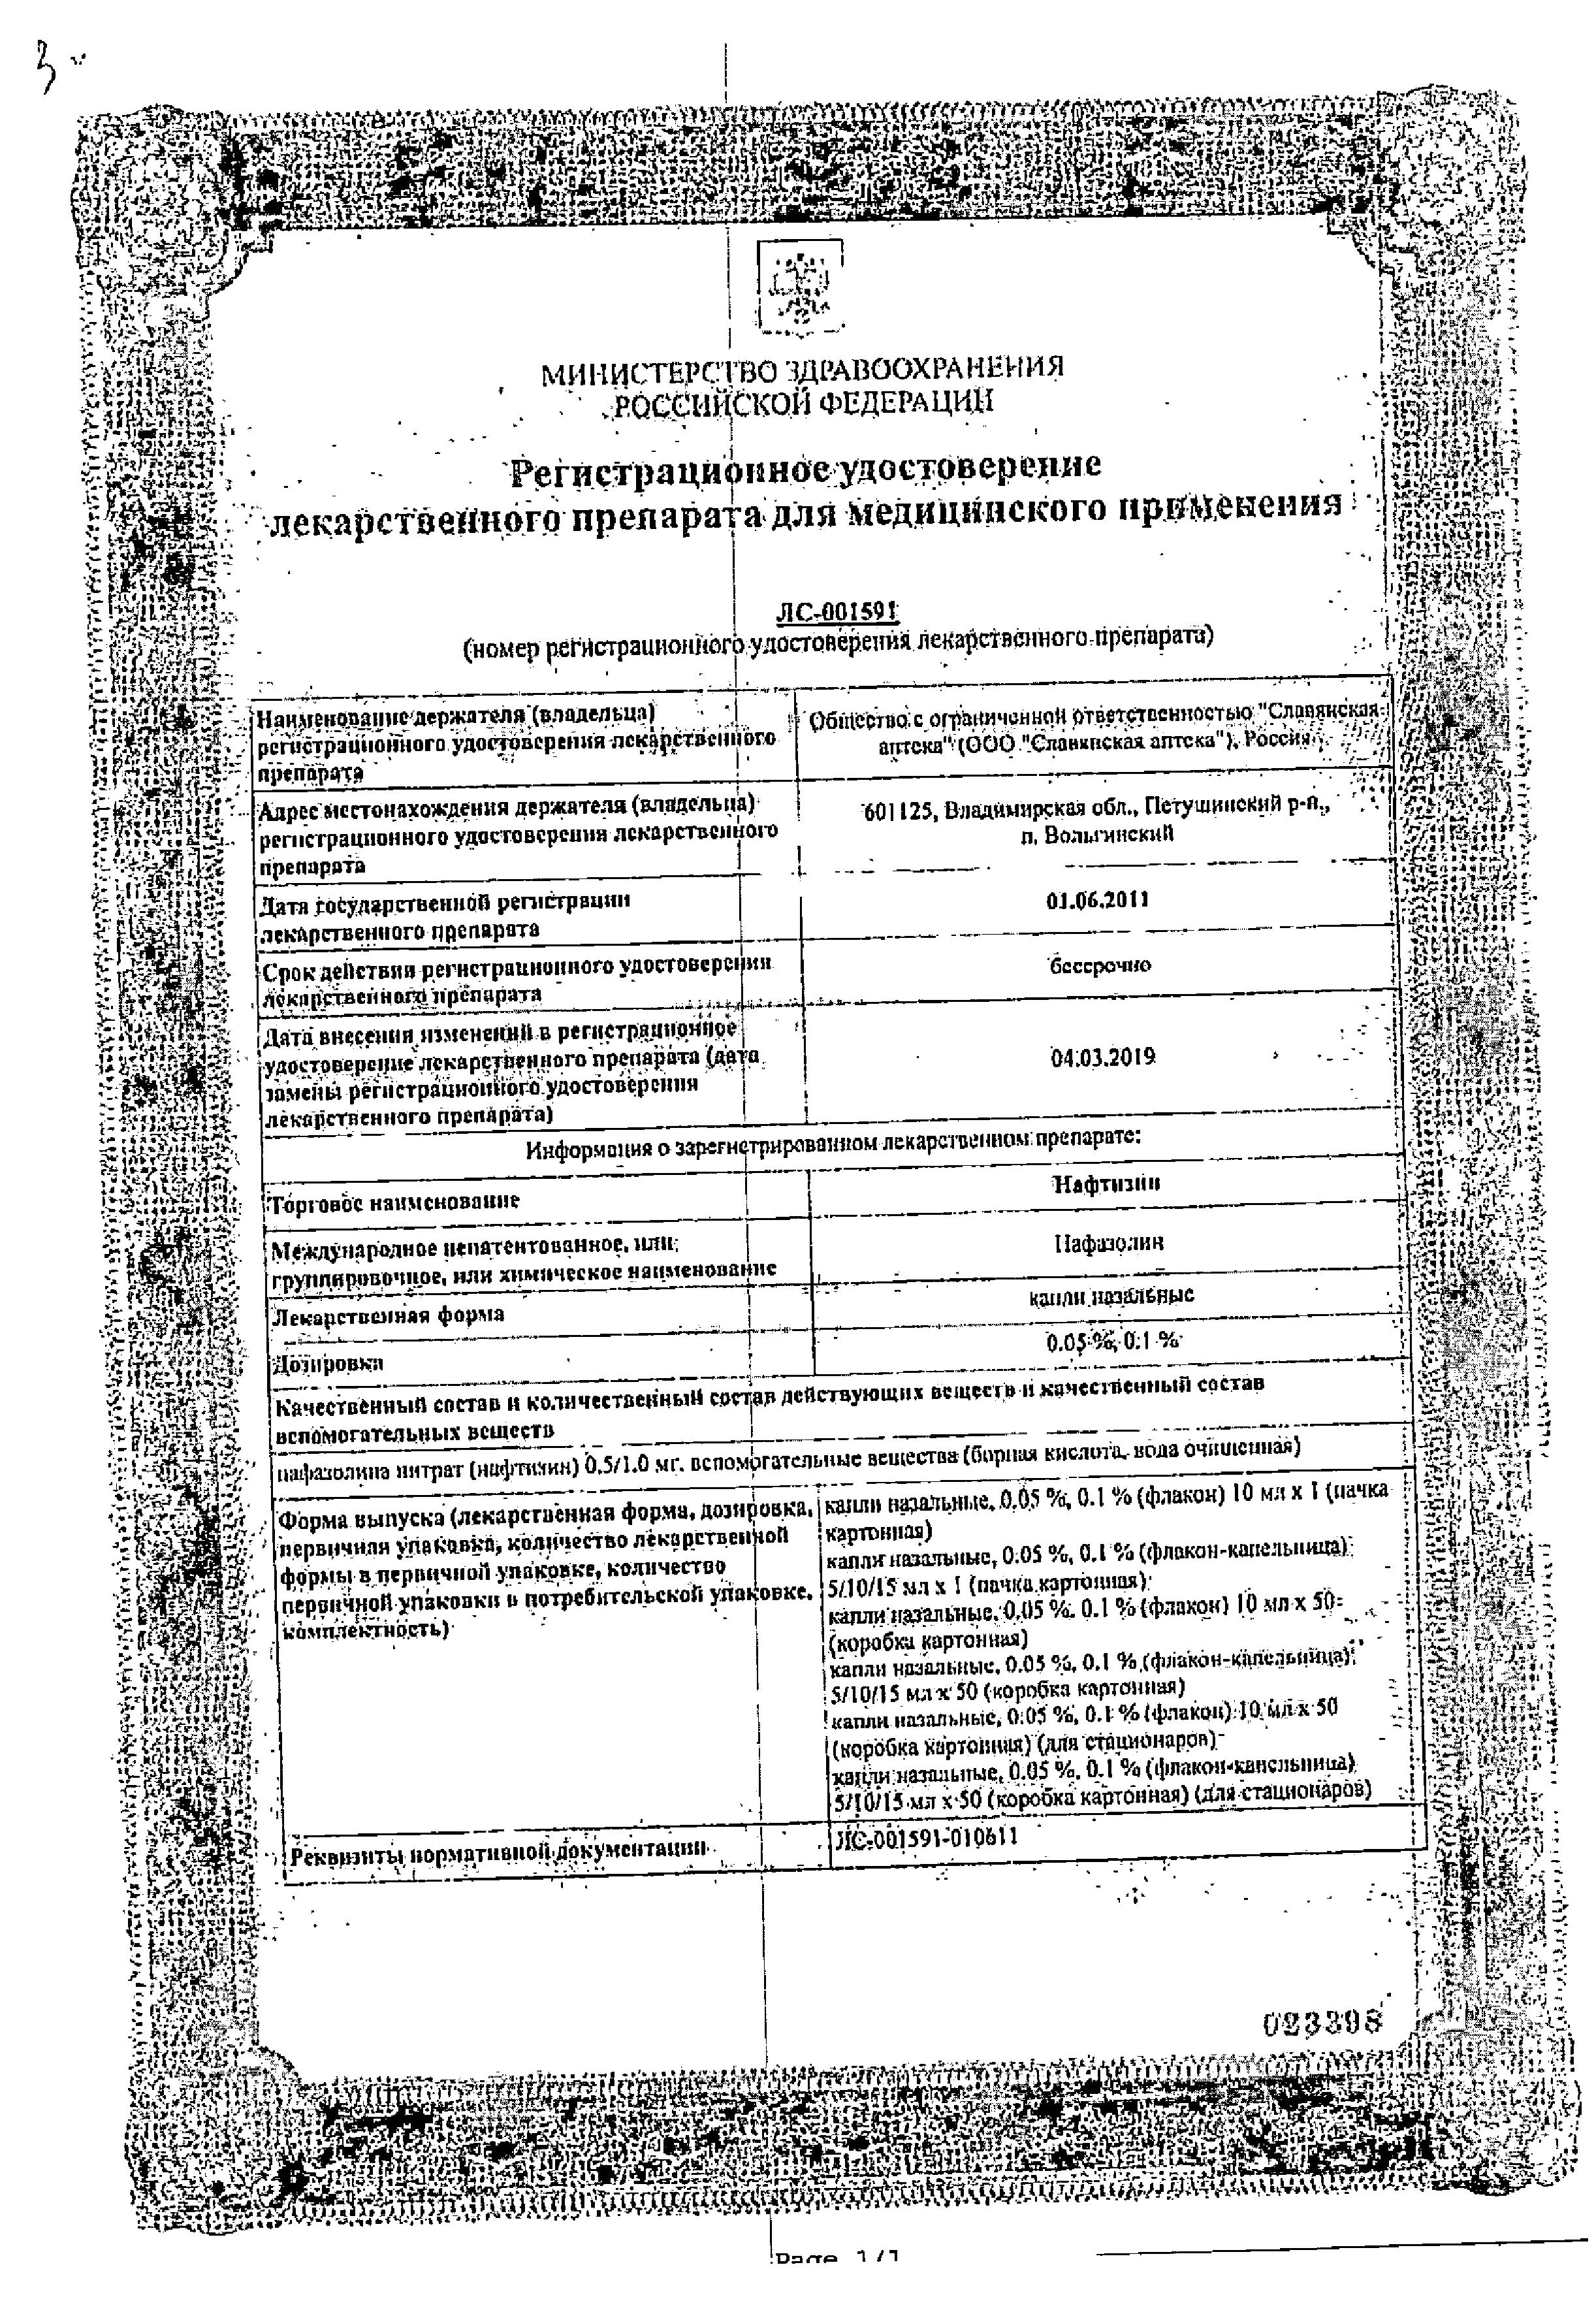 Нафтизин сертификат